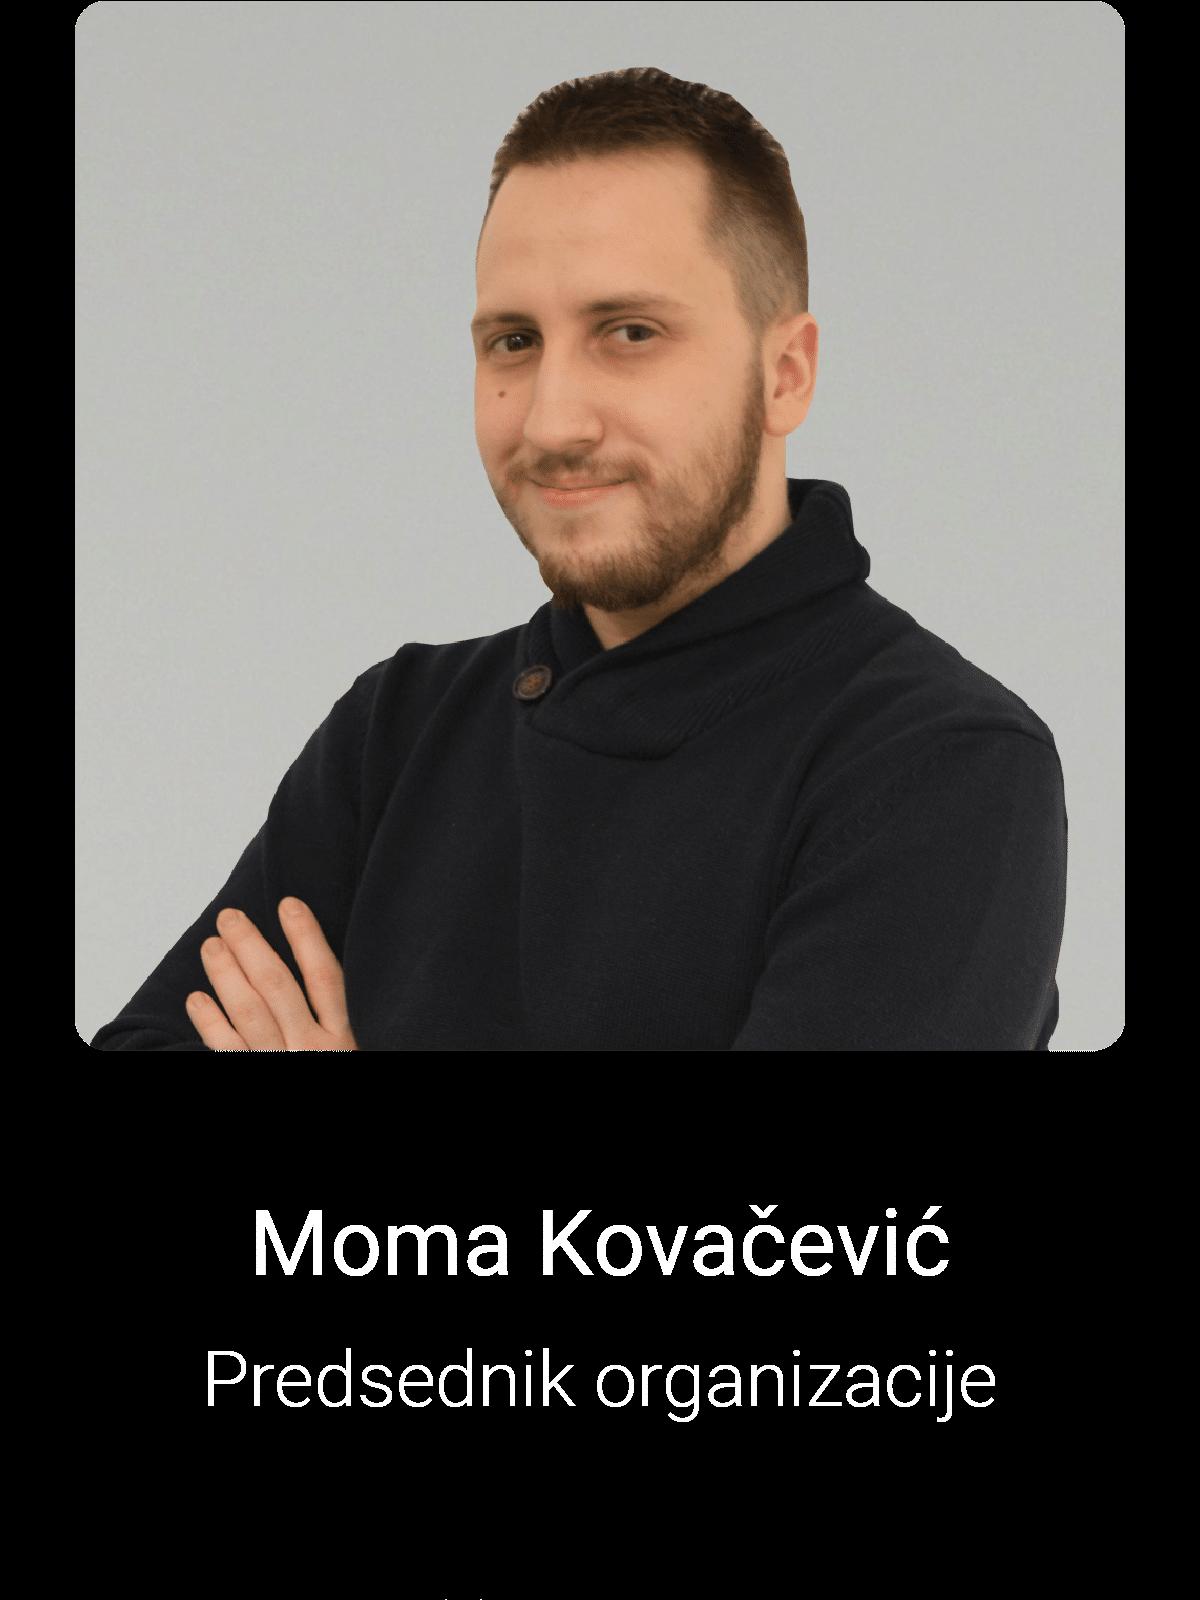 Moma Kovačević